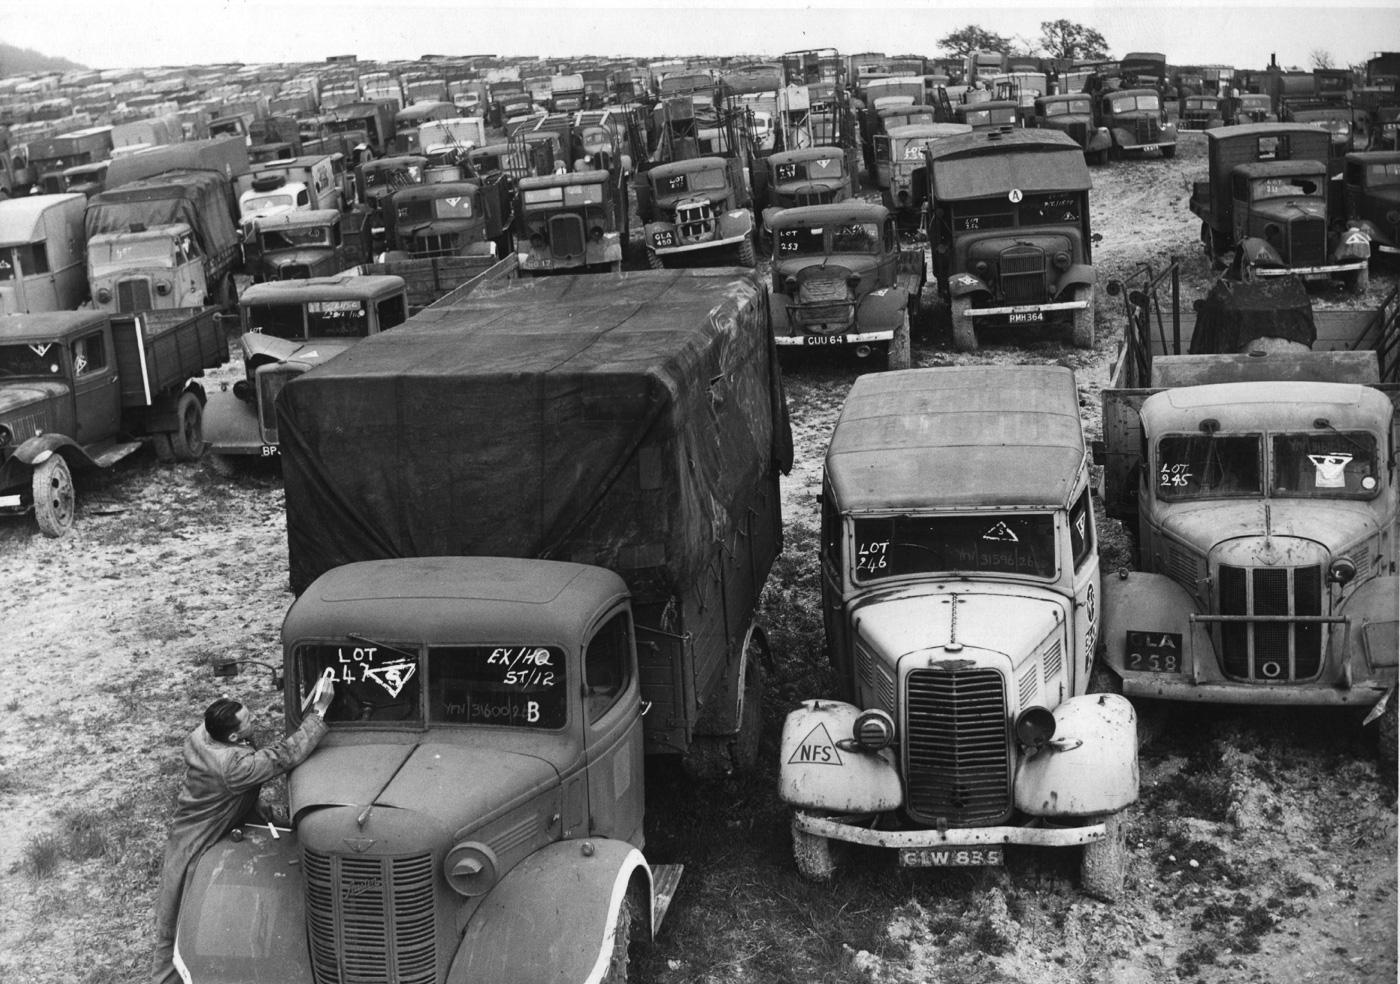 Автомобильный аукцион, Великобритания, 1946 год